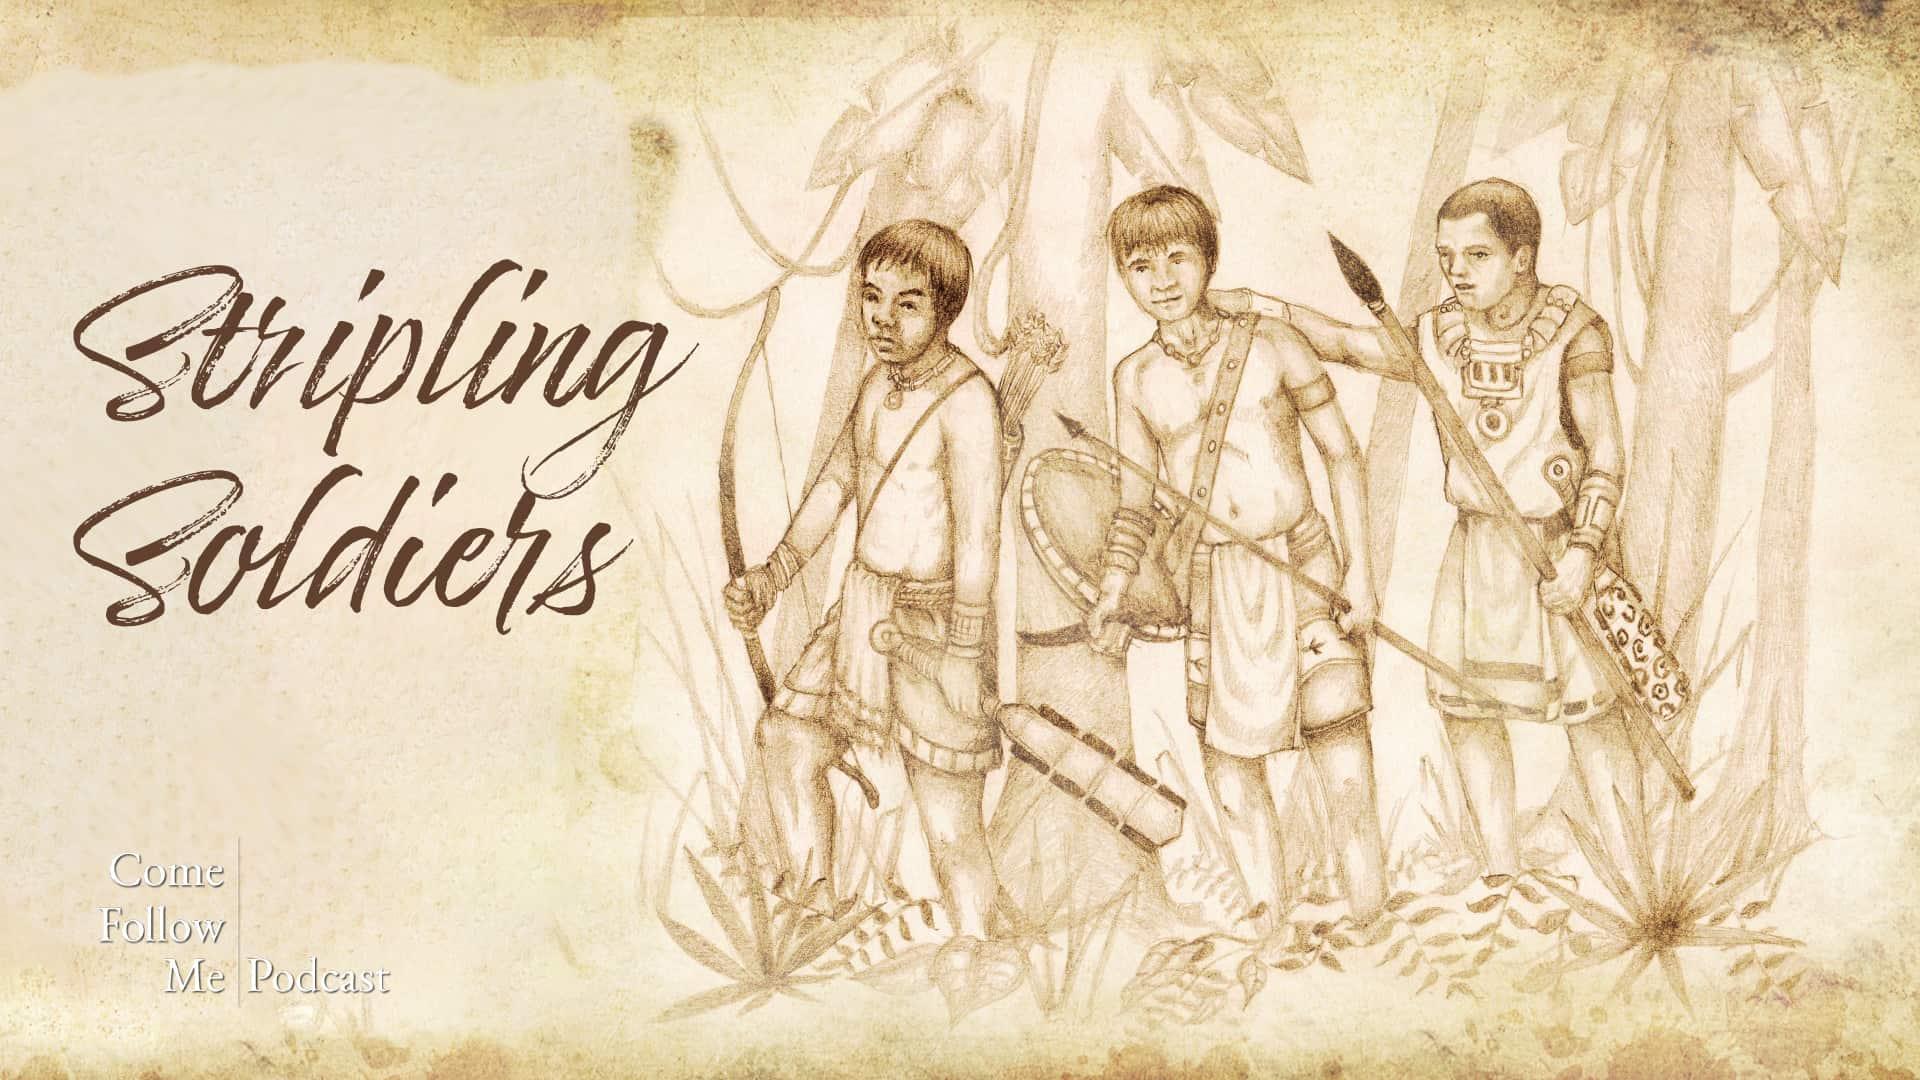 Stripling Soldiers